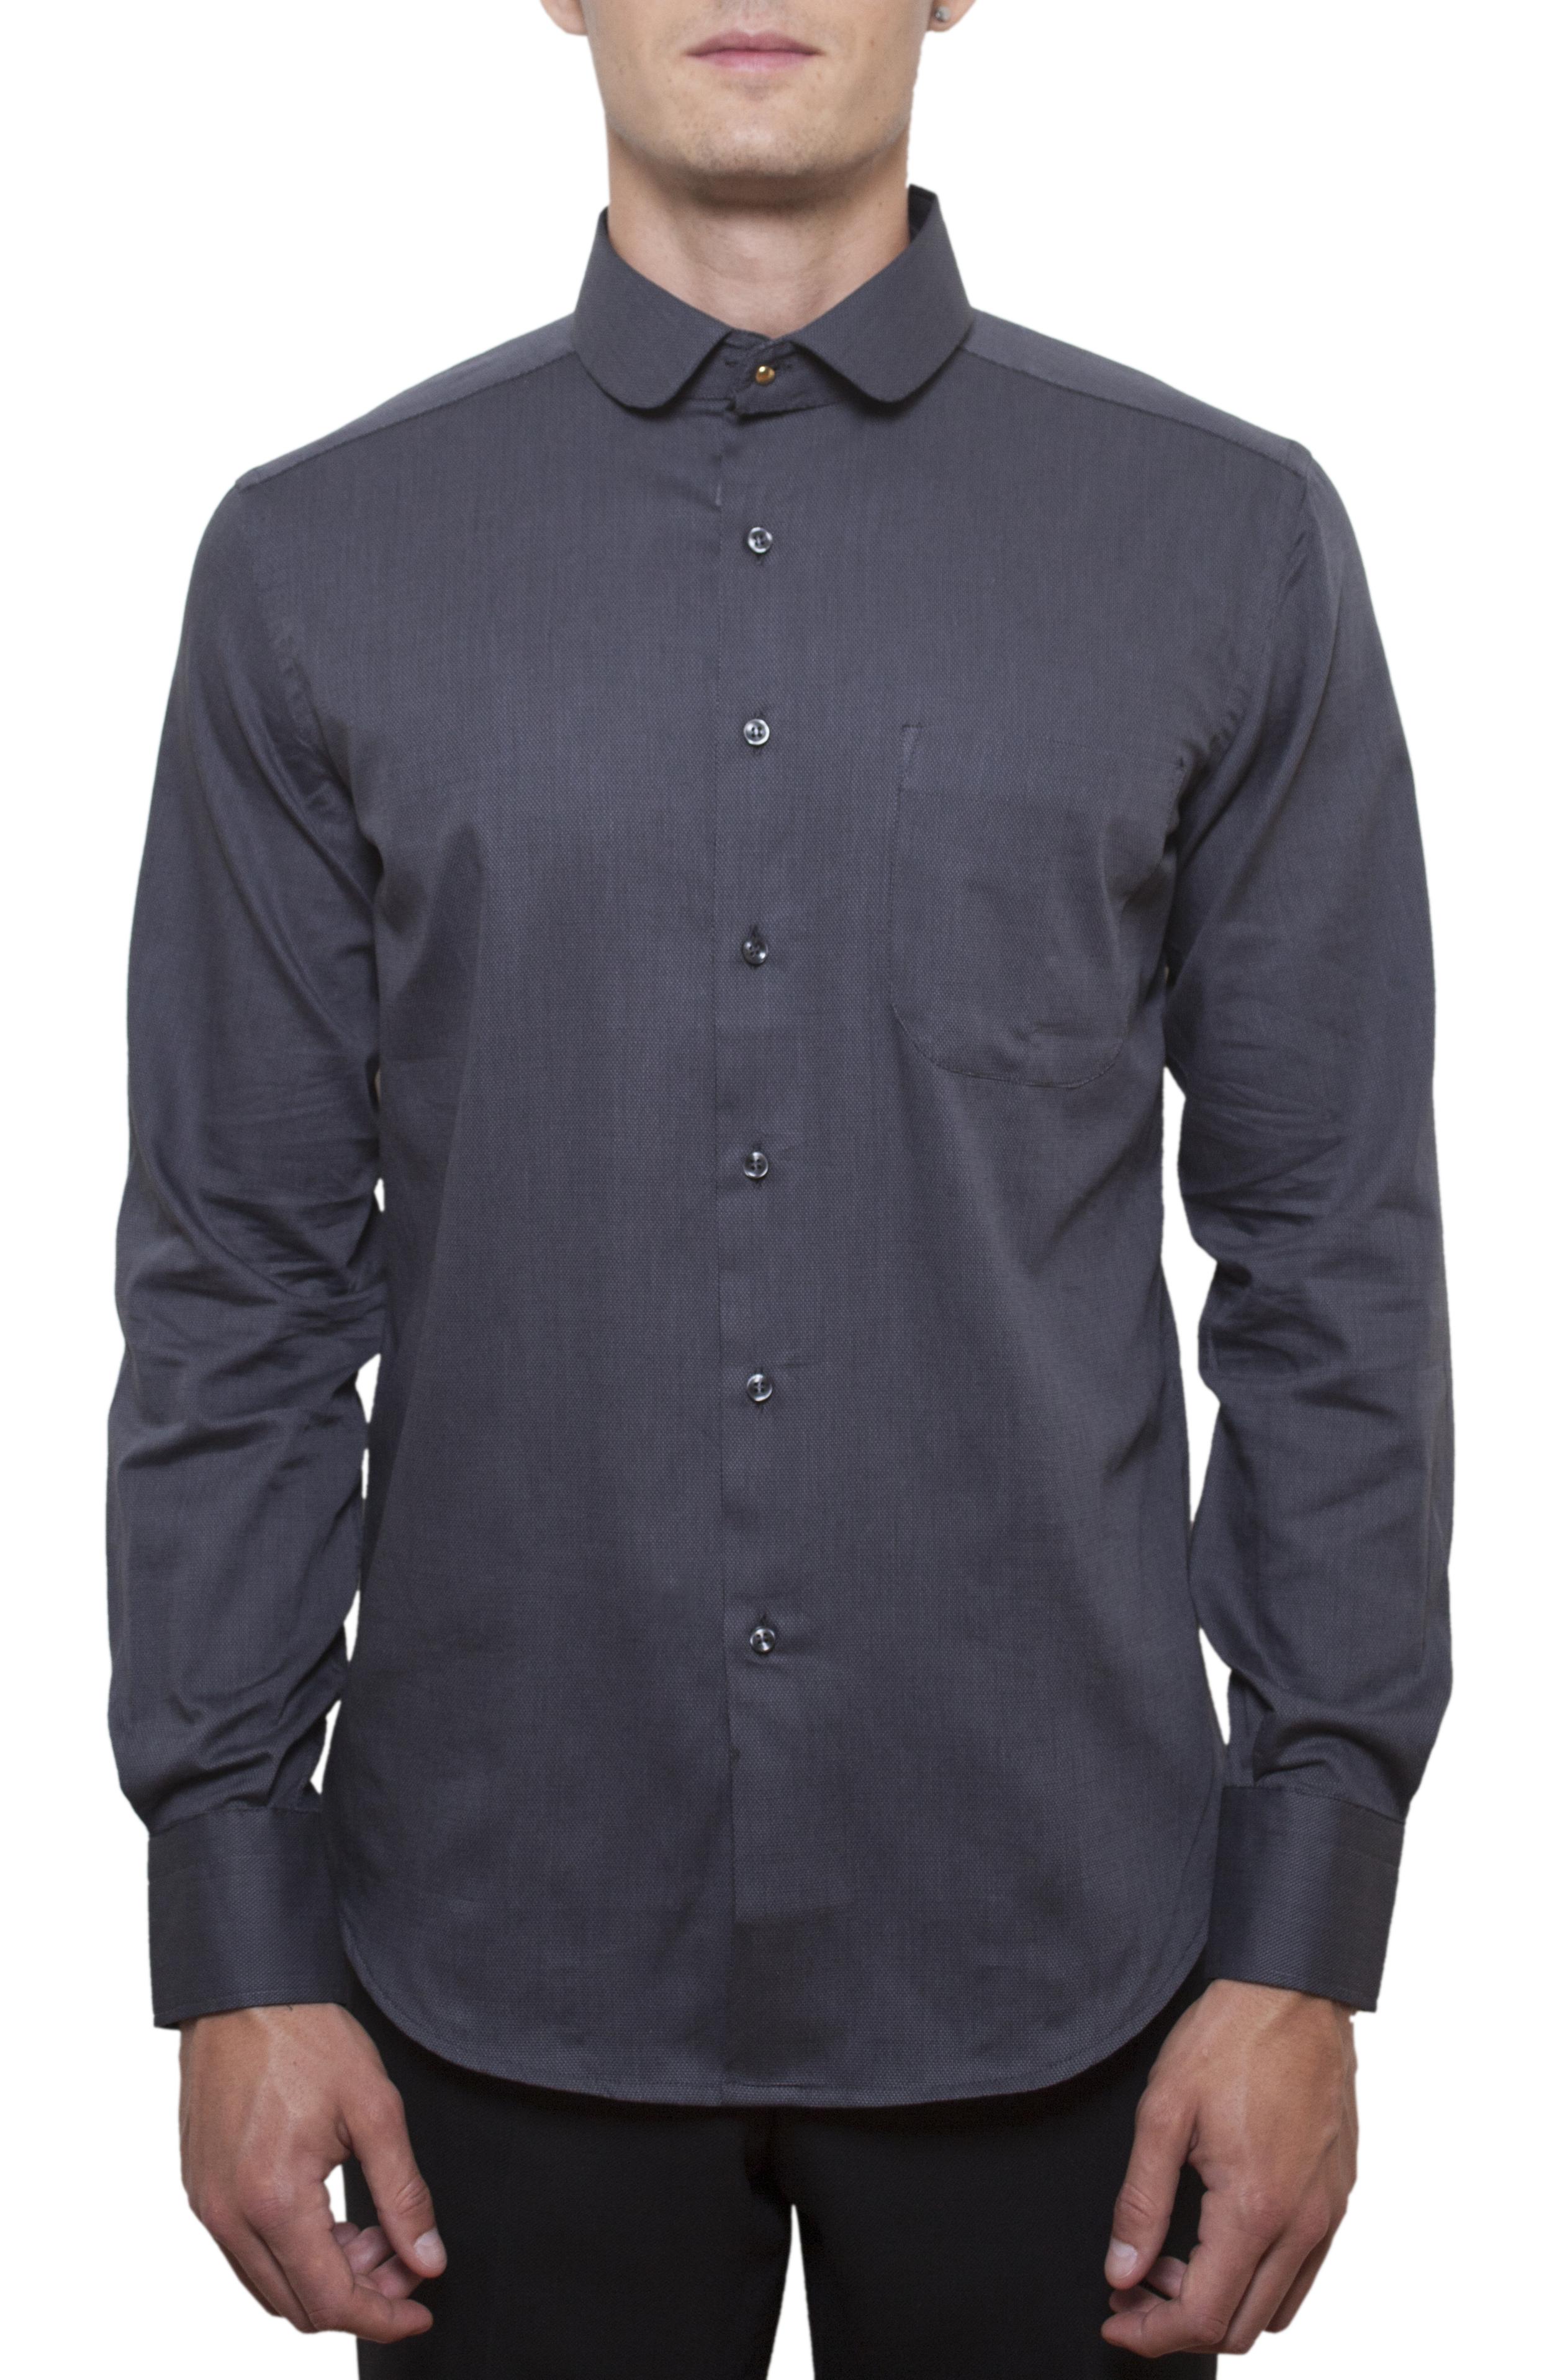 black shirt.jpg